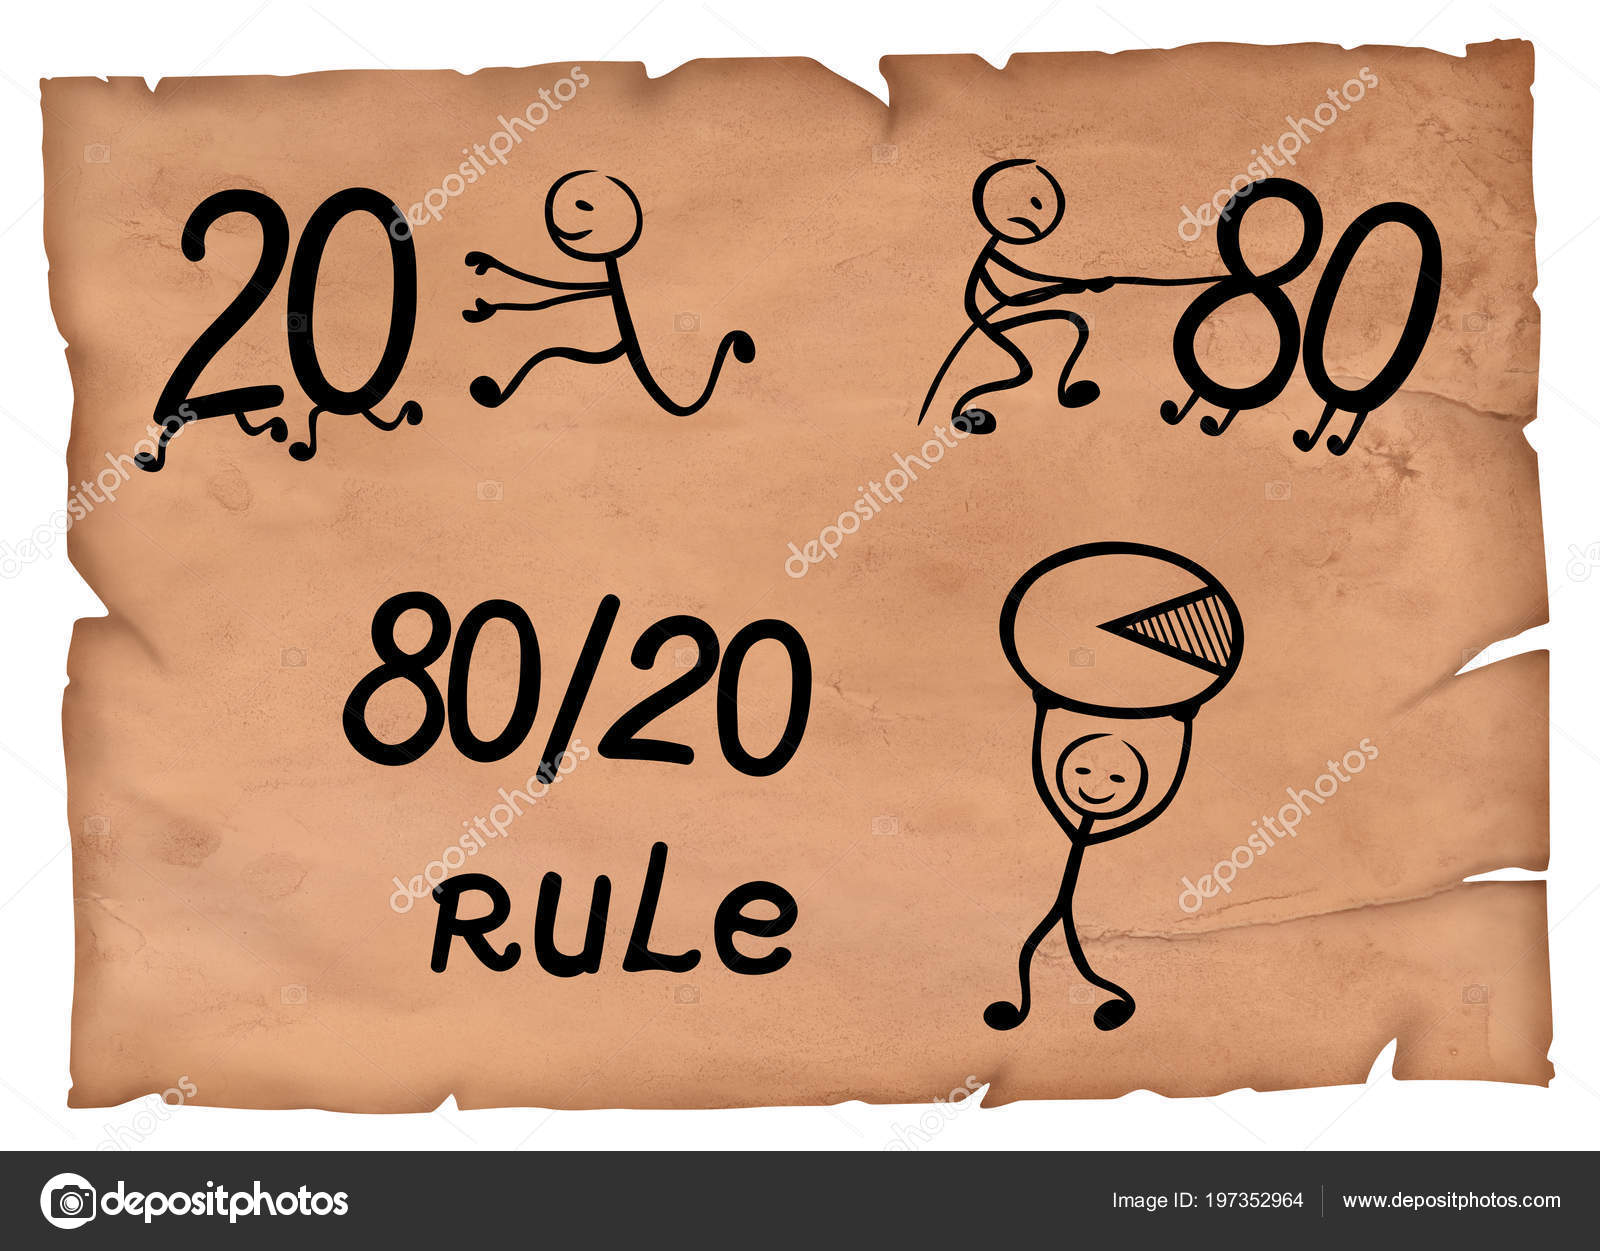 Pravidlo Jednoduche Kresby Ktera Predstavuje Princip Pareto Pergamen